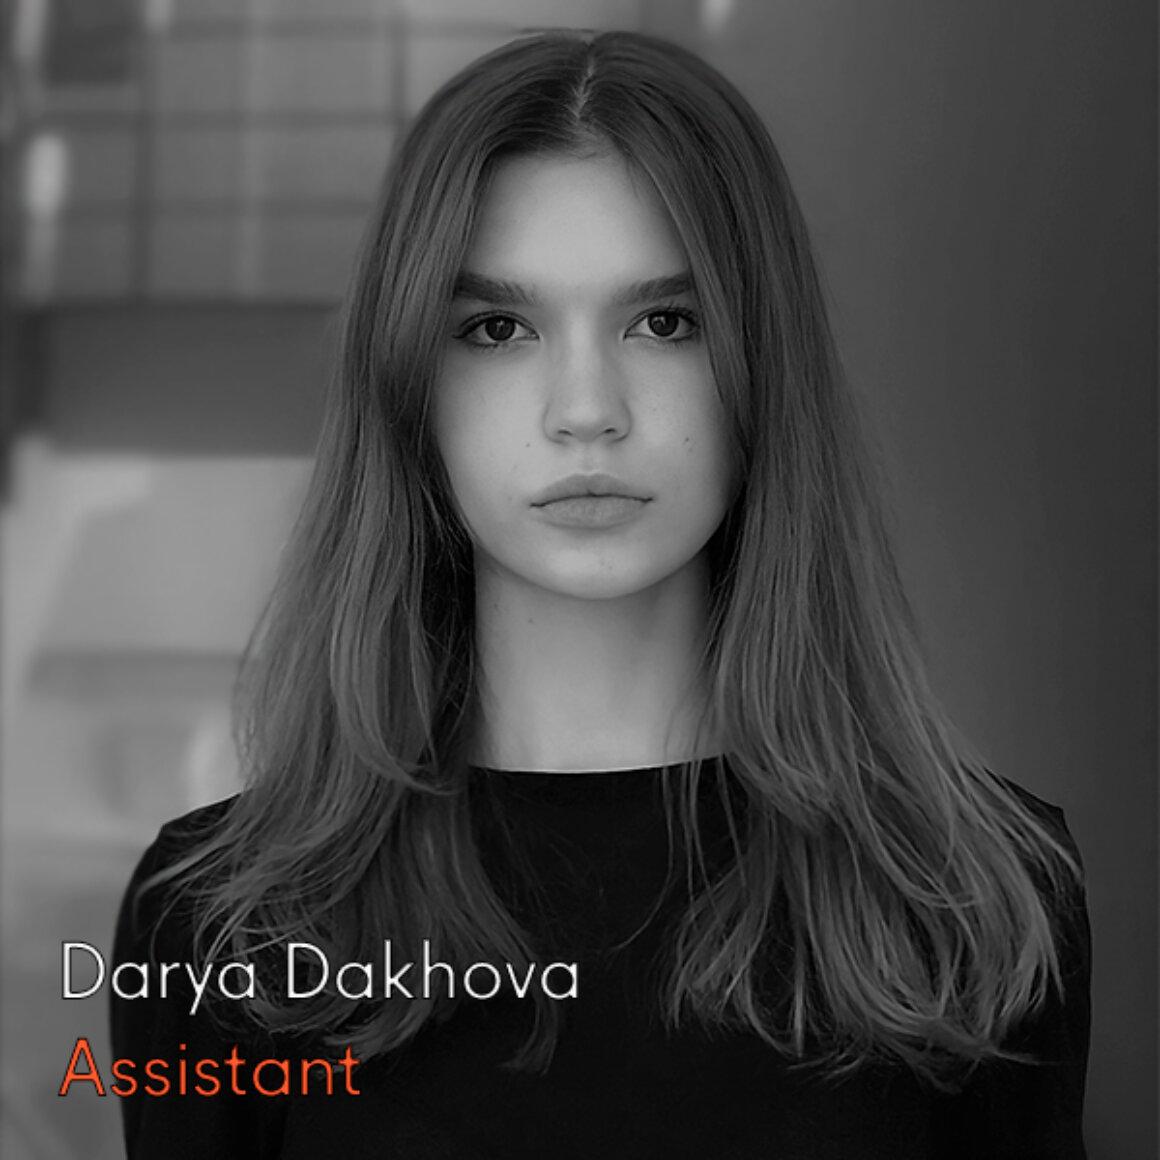 D.Dakhova